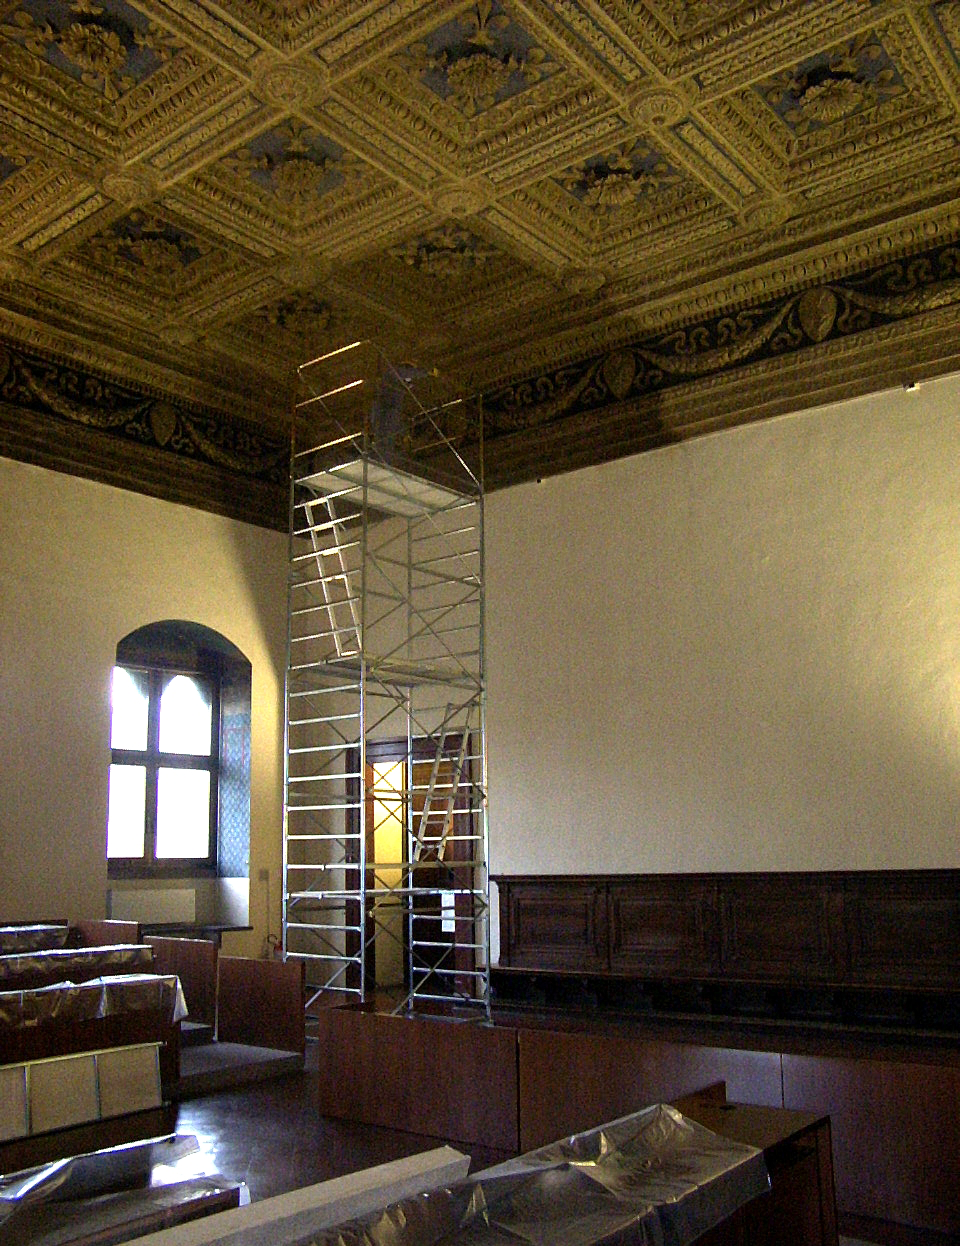 Palazzo Vecchio – Firenze